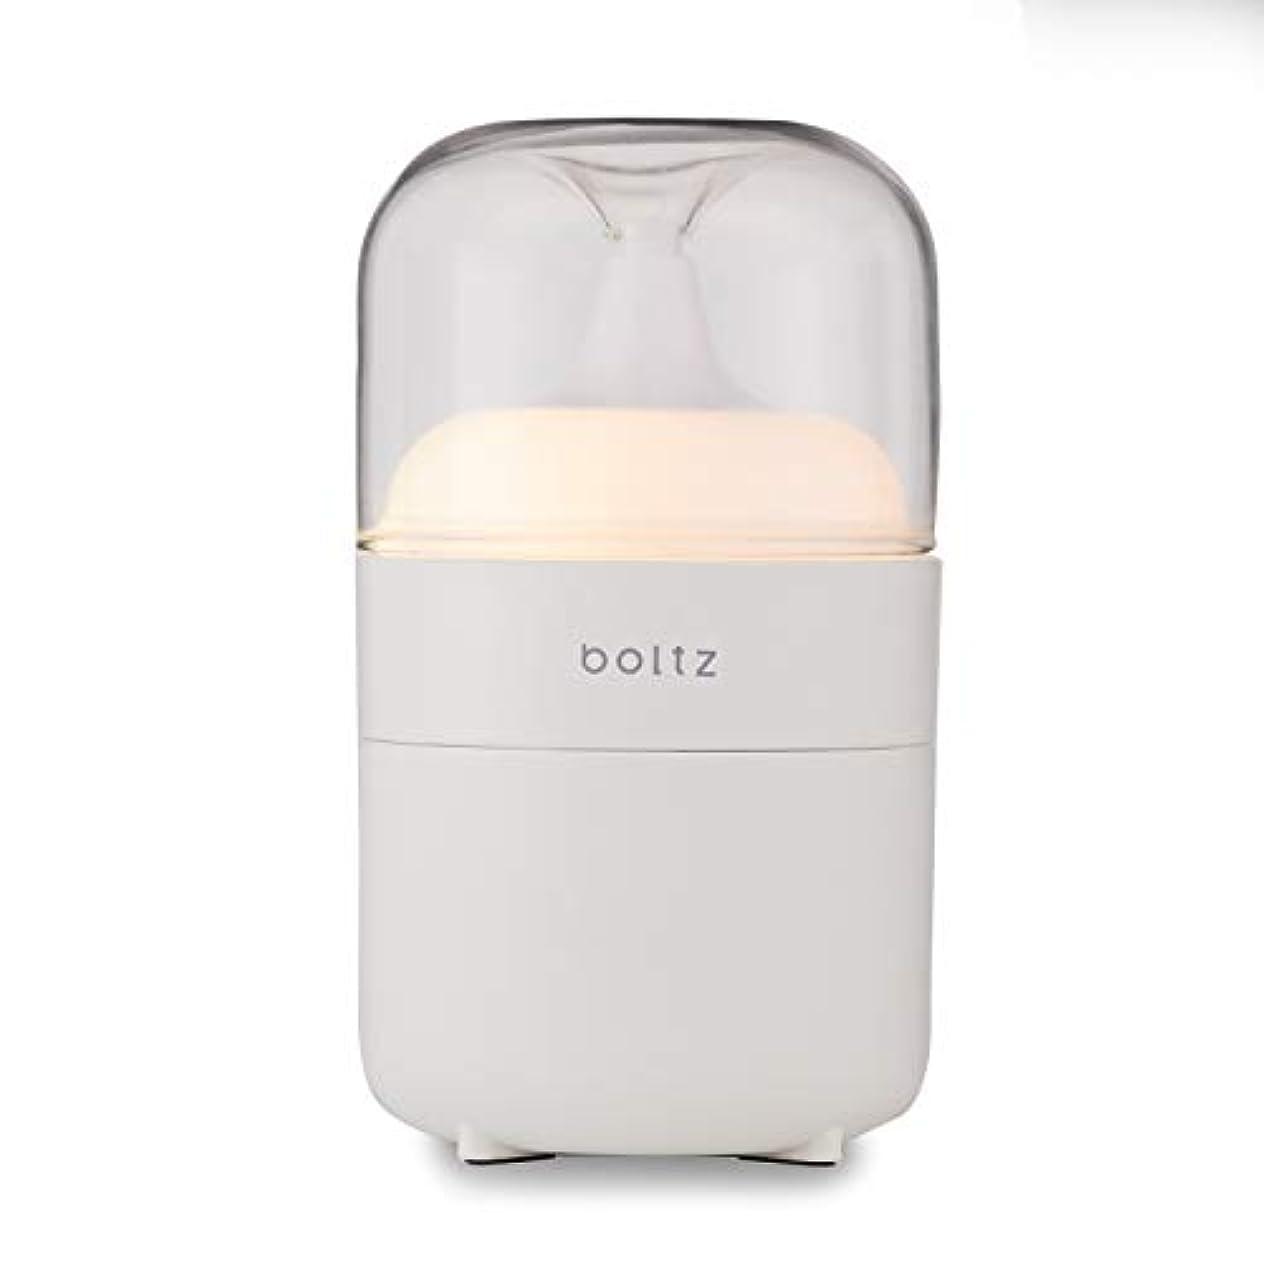 直径によって外国人boltz アロマディフューザー アロマバーナー ネプライザー式 アロマオイル対応 間接照明 USB対応